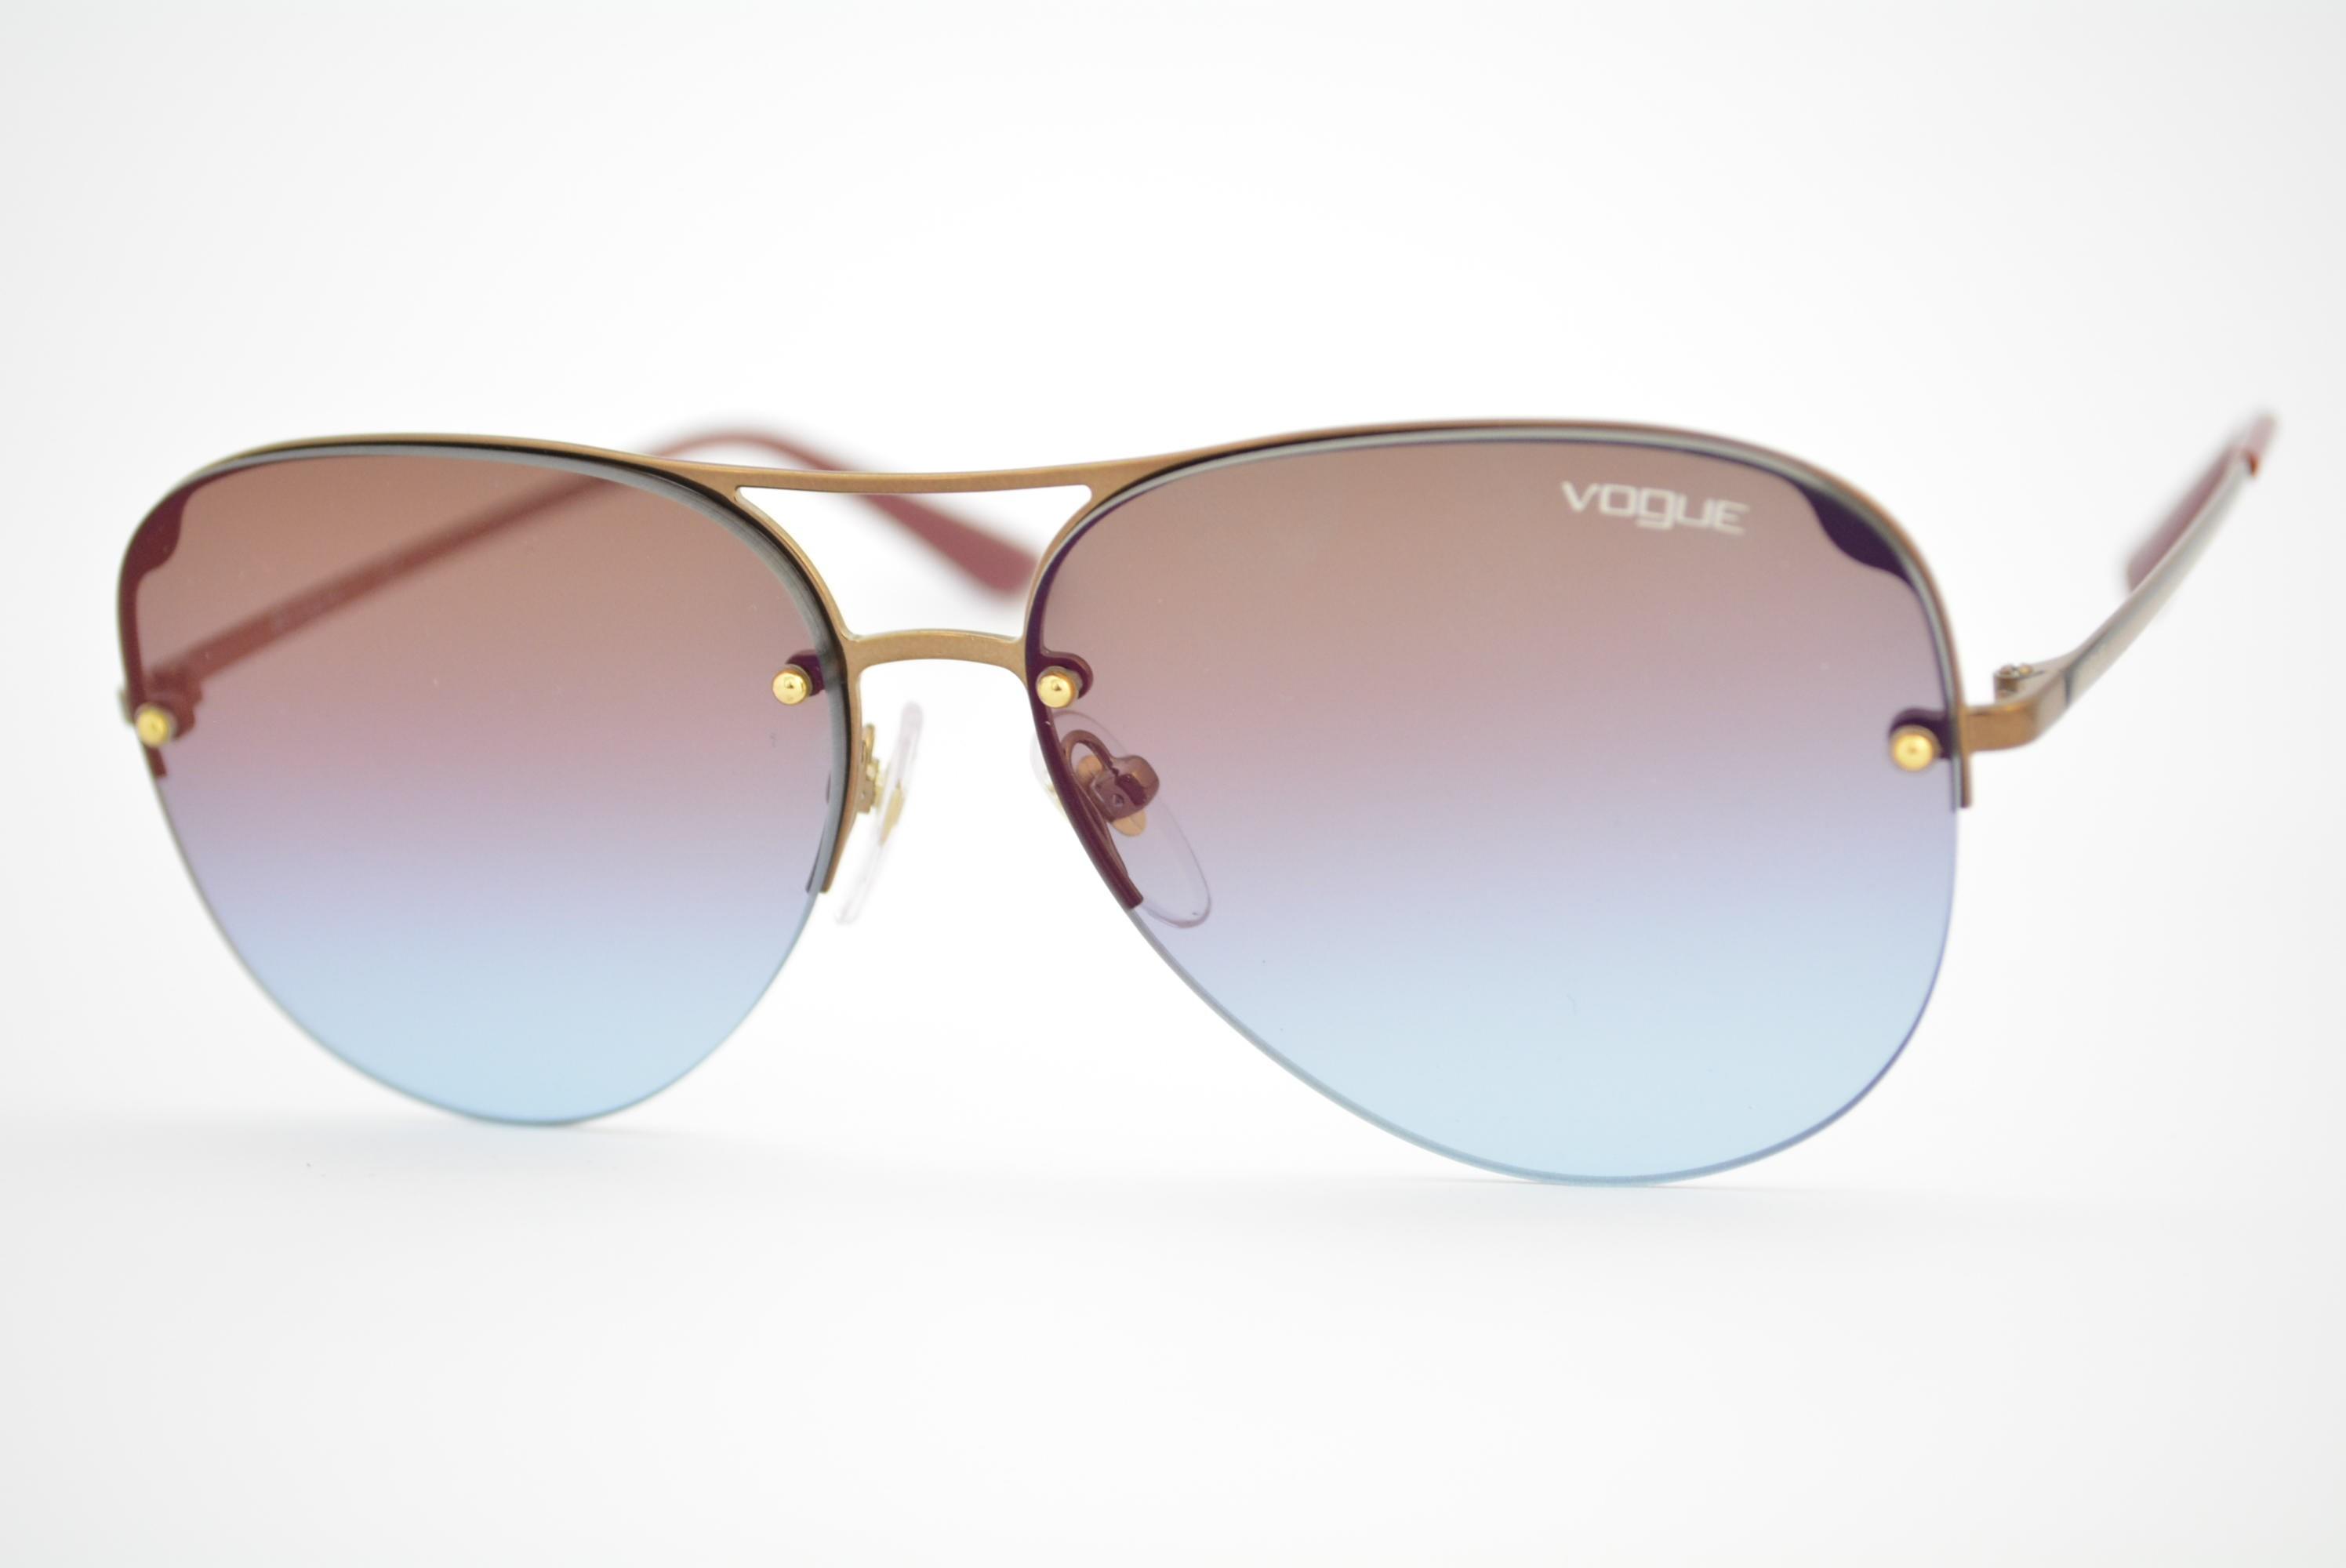 óculos de sol Vogue mod vo4080-s 5074h7 Ótica Cardoso 2b5efb843f